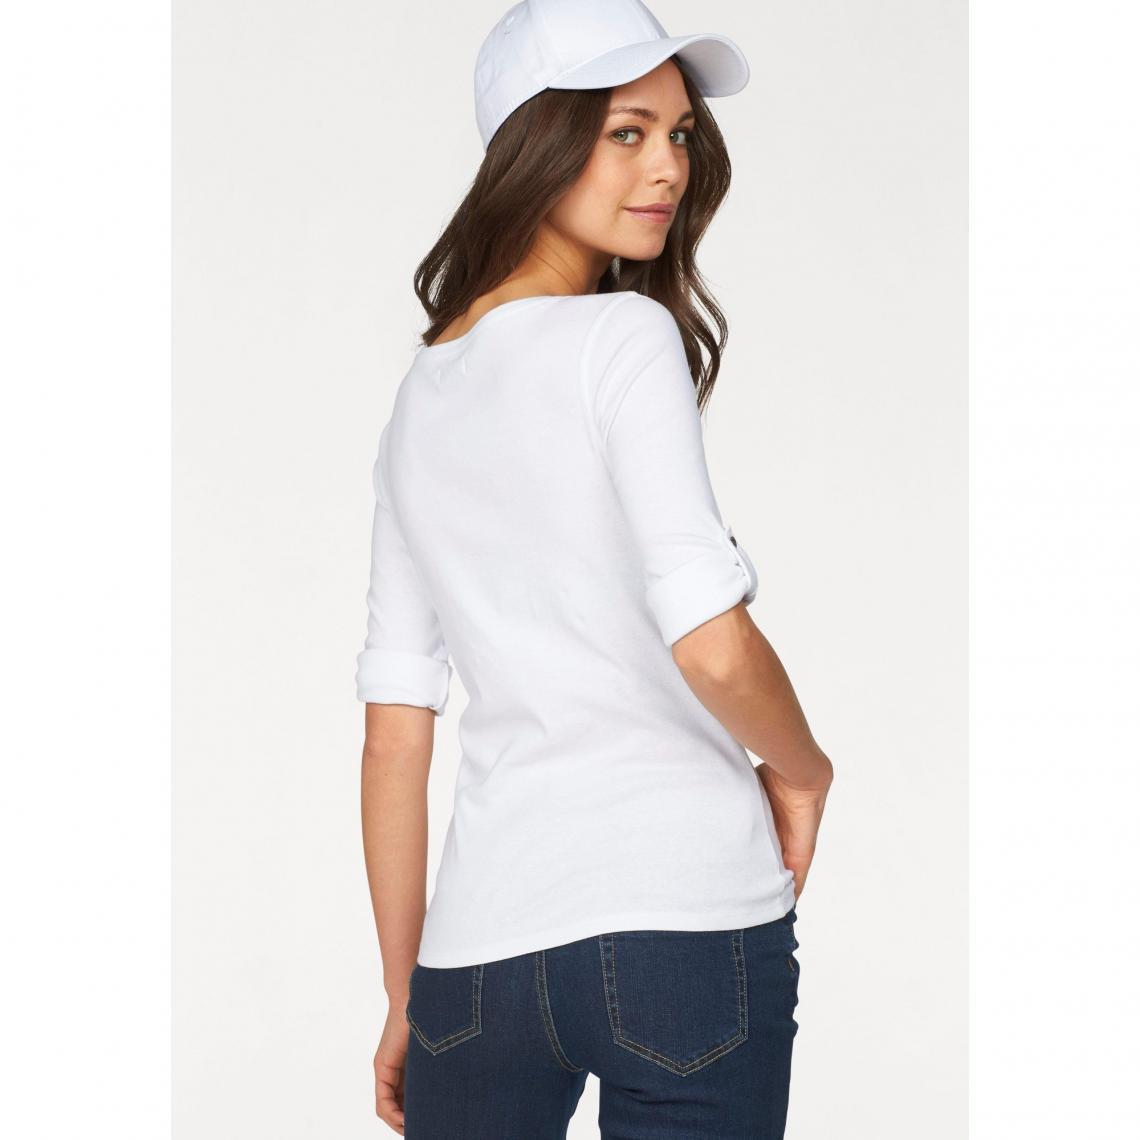 2a44a9238efb0 T-shirts manches courtes femme Flashlights Cliquez l image pour l agrandir.  Lot de 2 t-shirts uni + imprimé femme Flashlights - Blanc - Gris Chiné